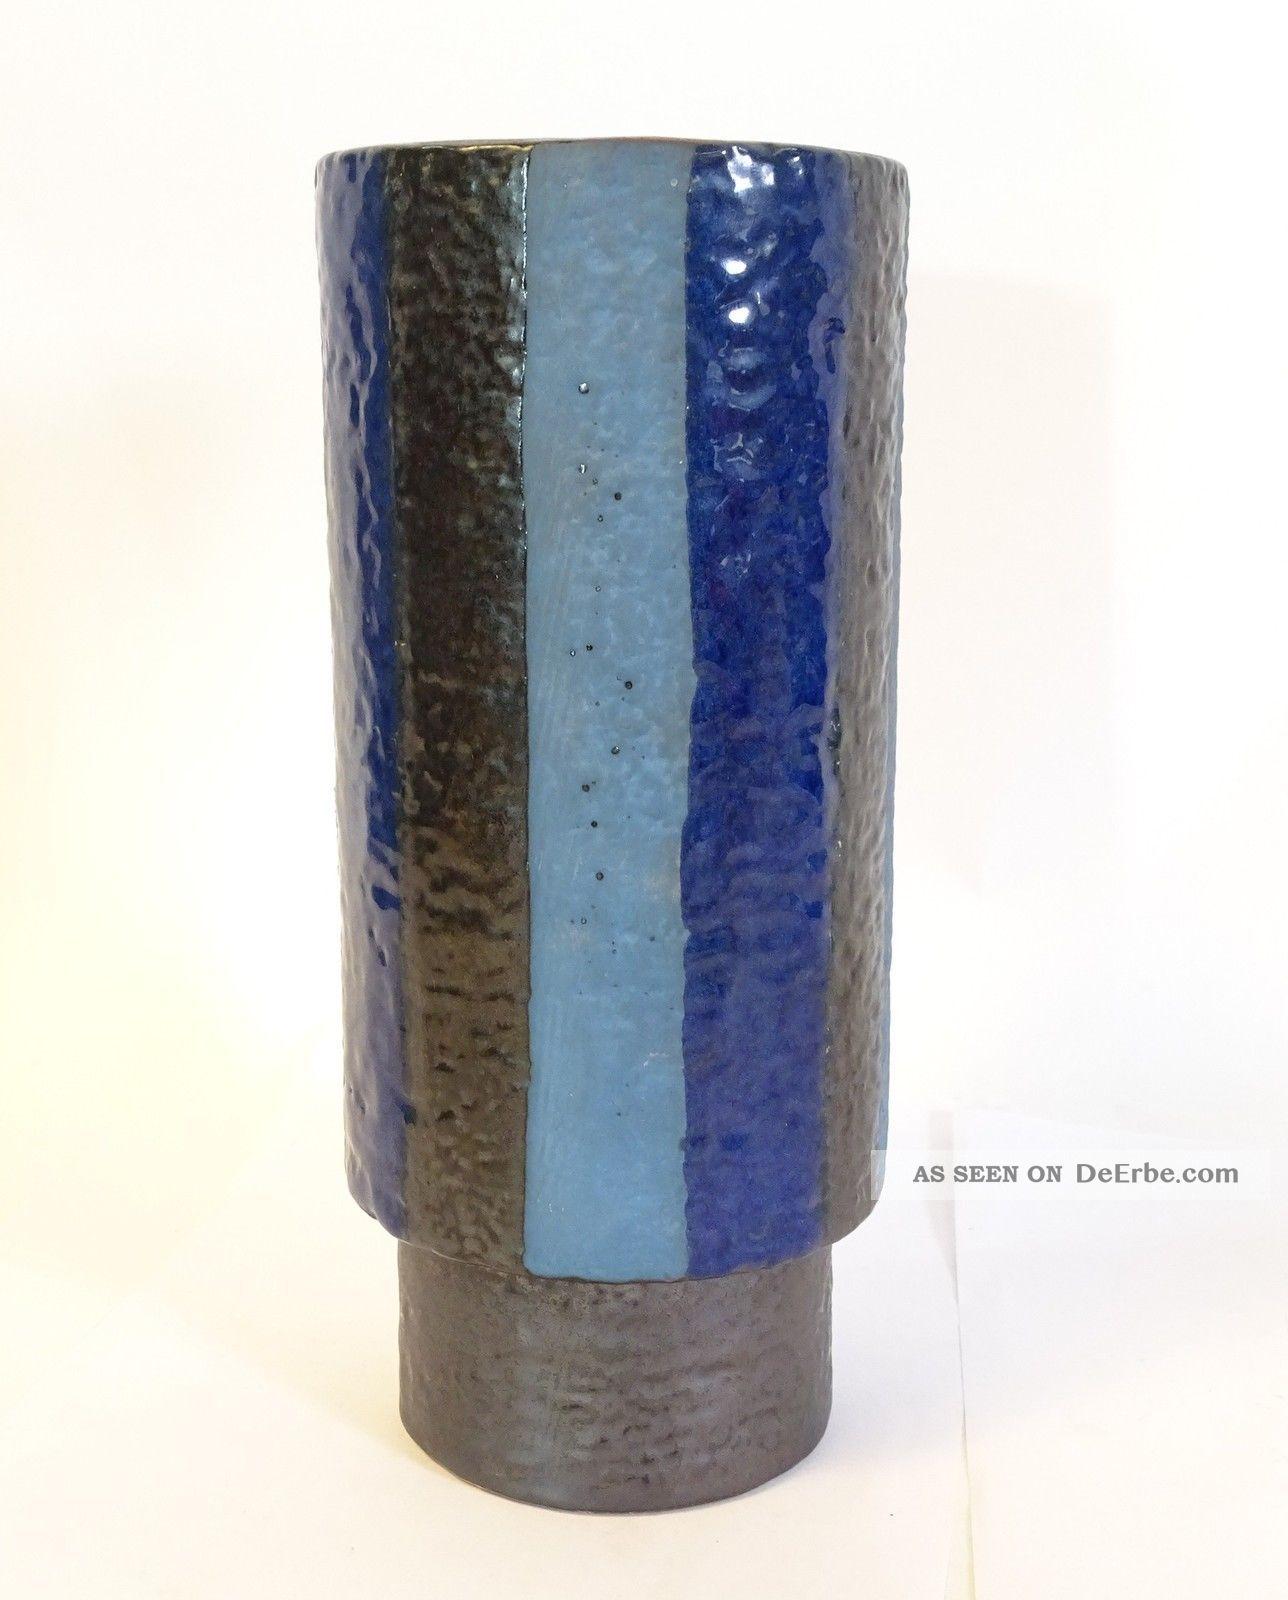 Studio Design 60er Jahre Keramik Vase In Ausgefallener Farbgebung Rarität 1960-1969 Bild